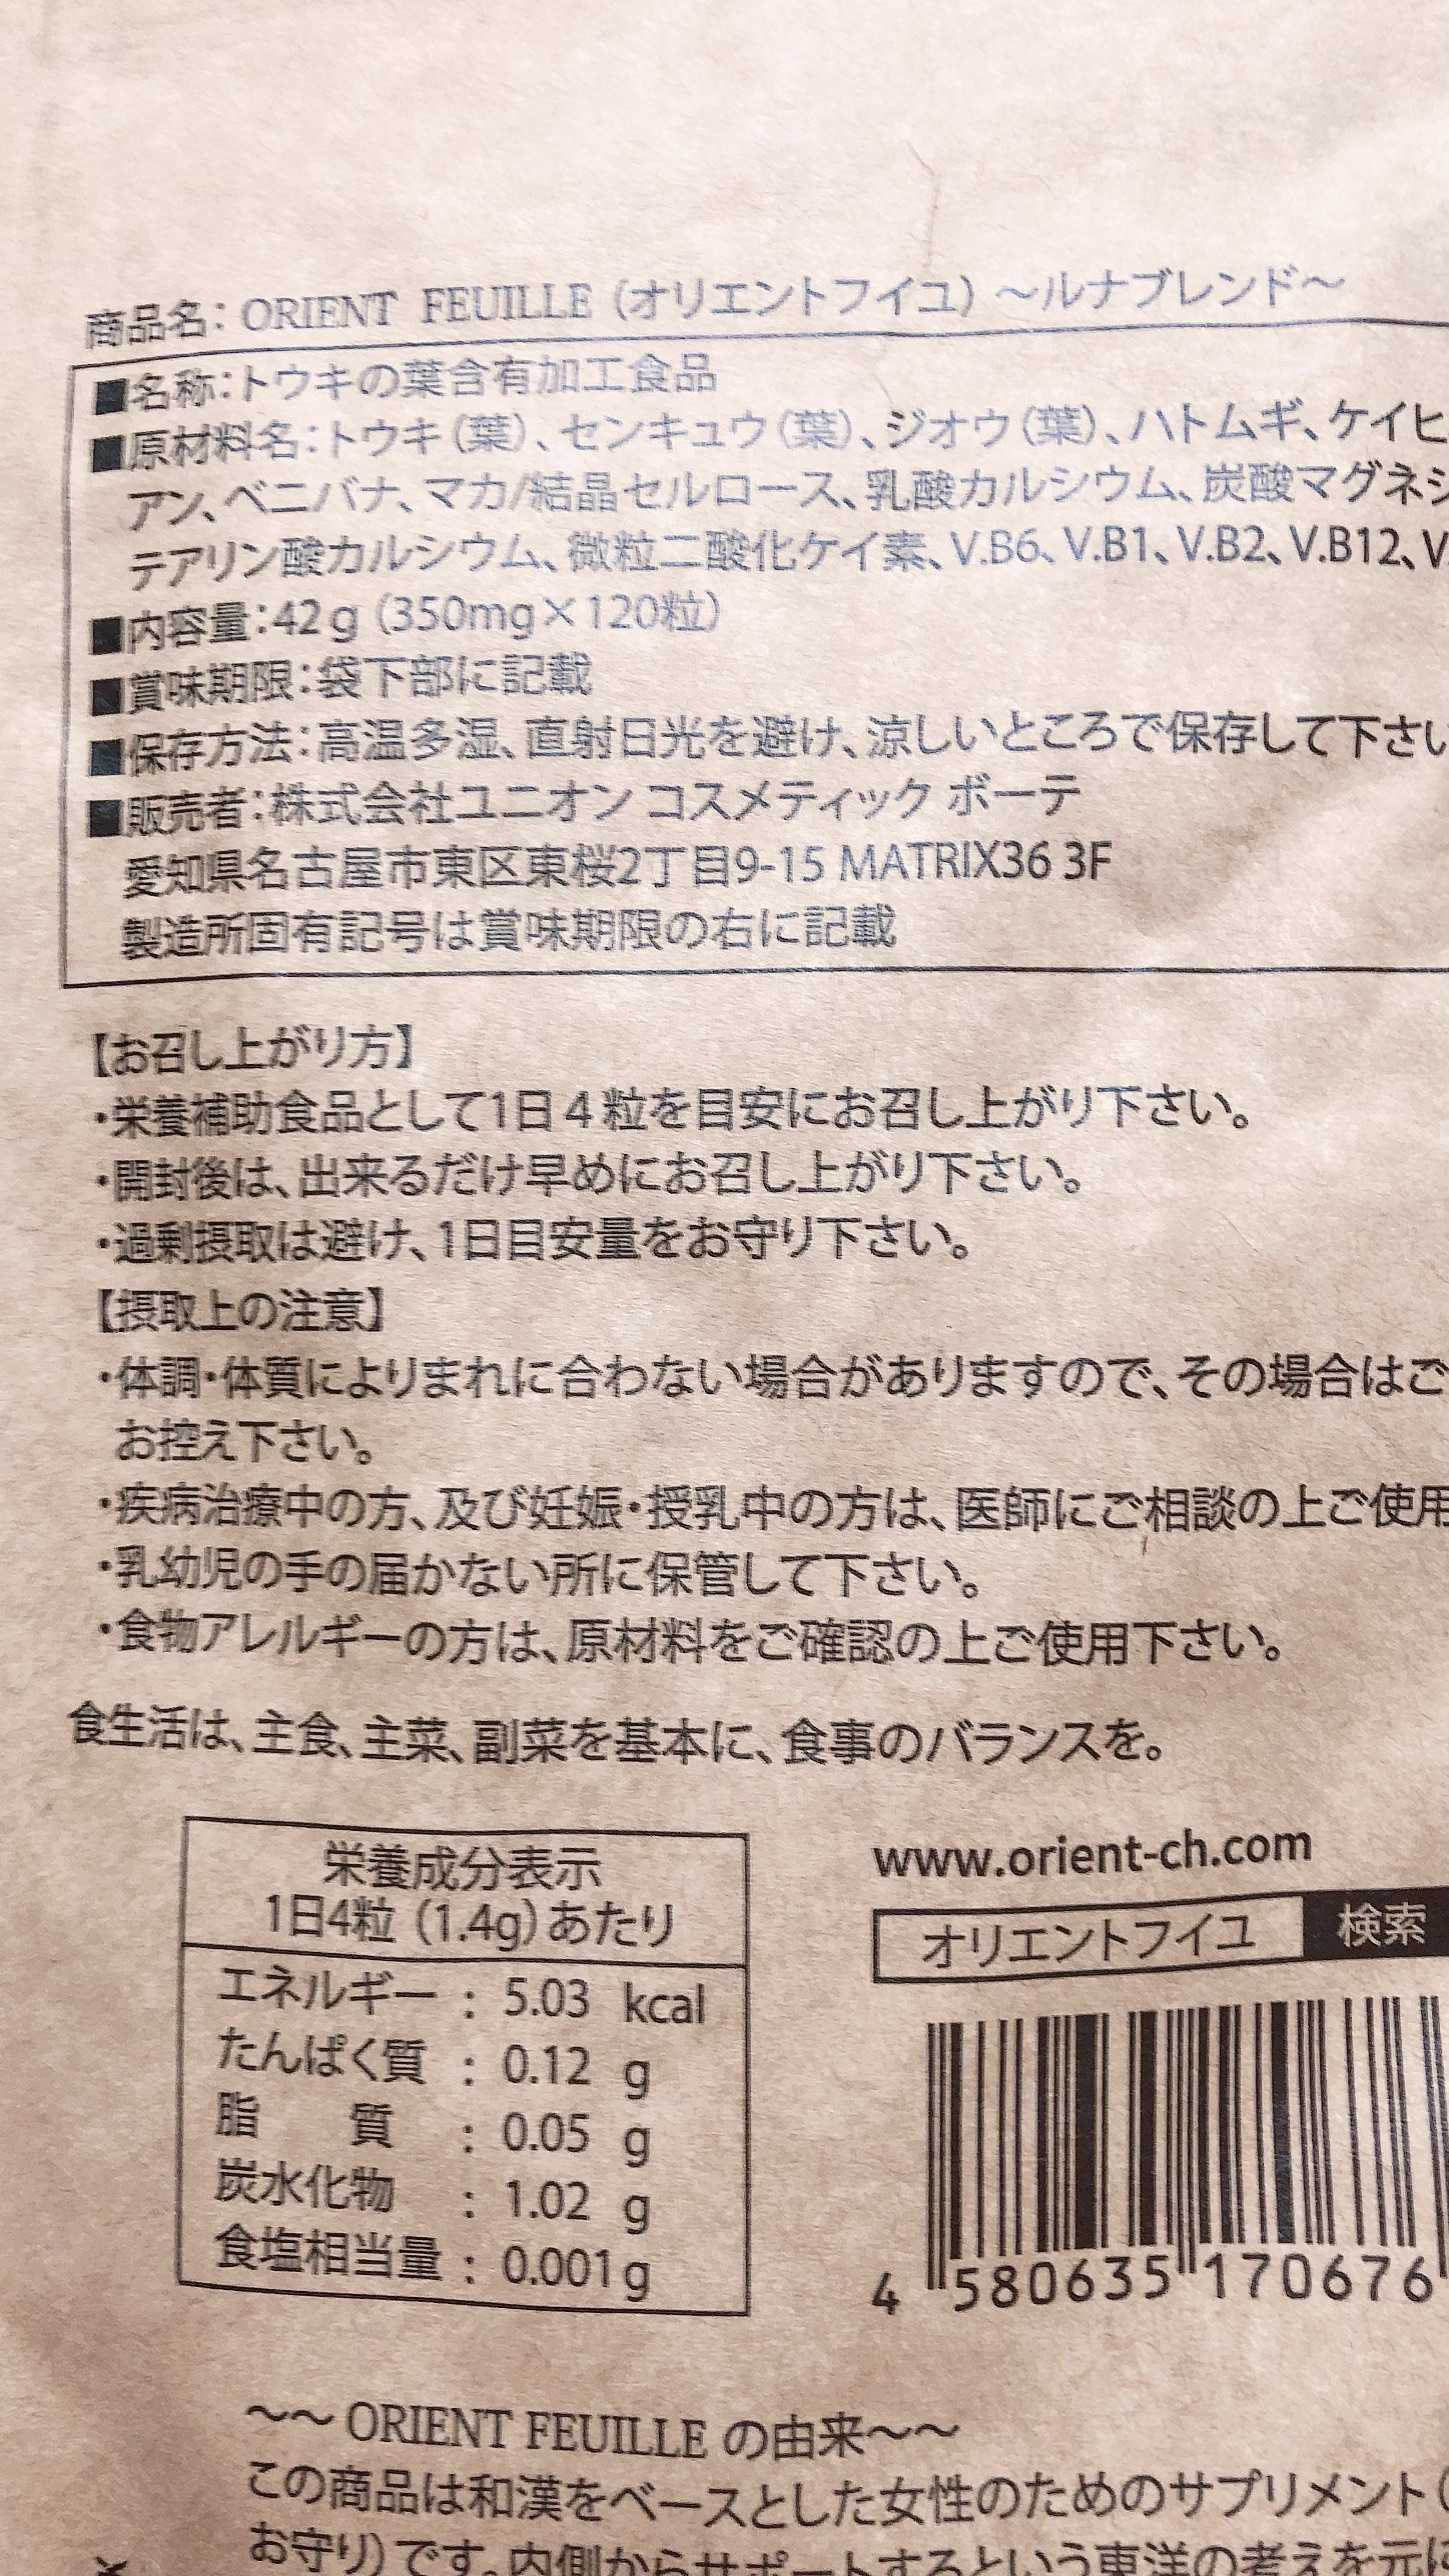 f:id:asaasakorokoro:20200113005041j:image